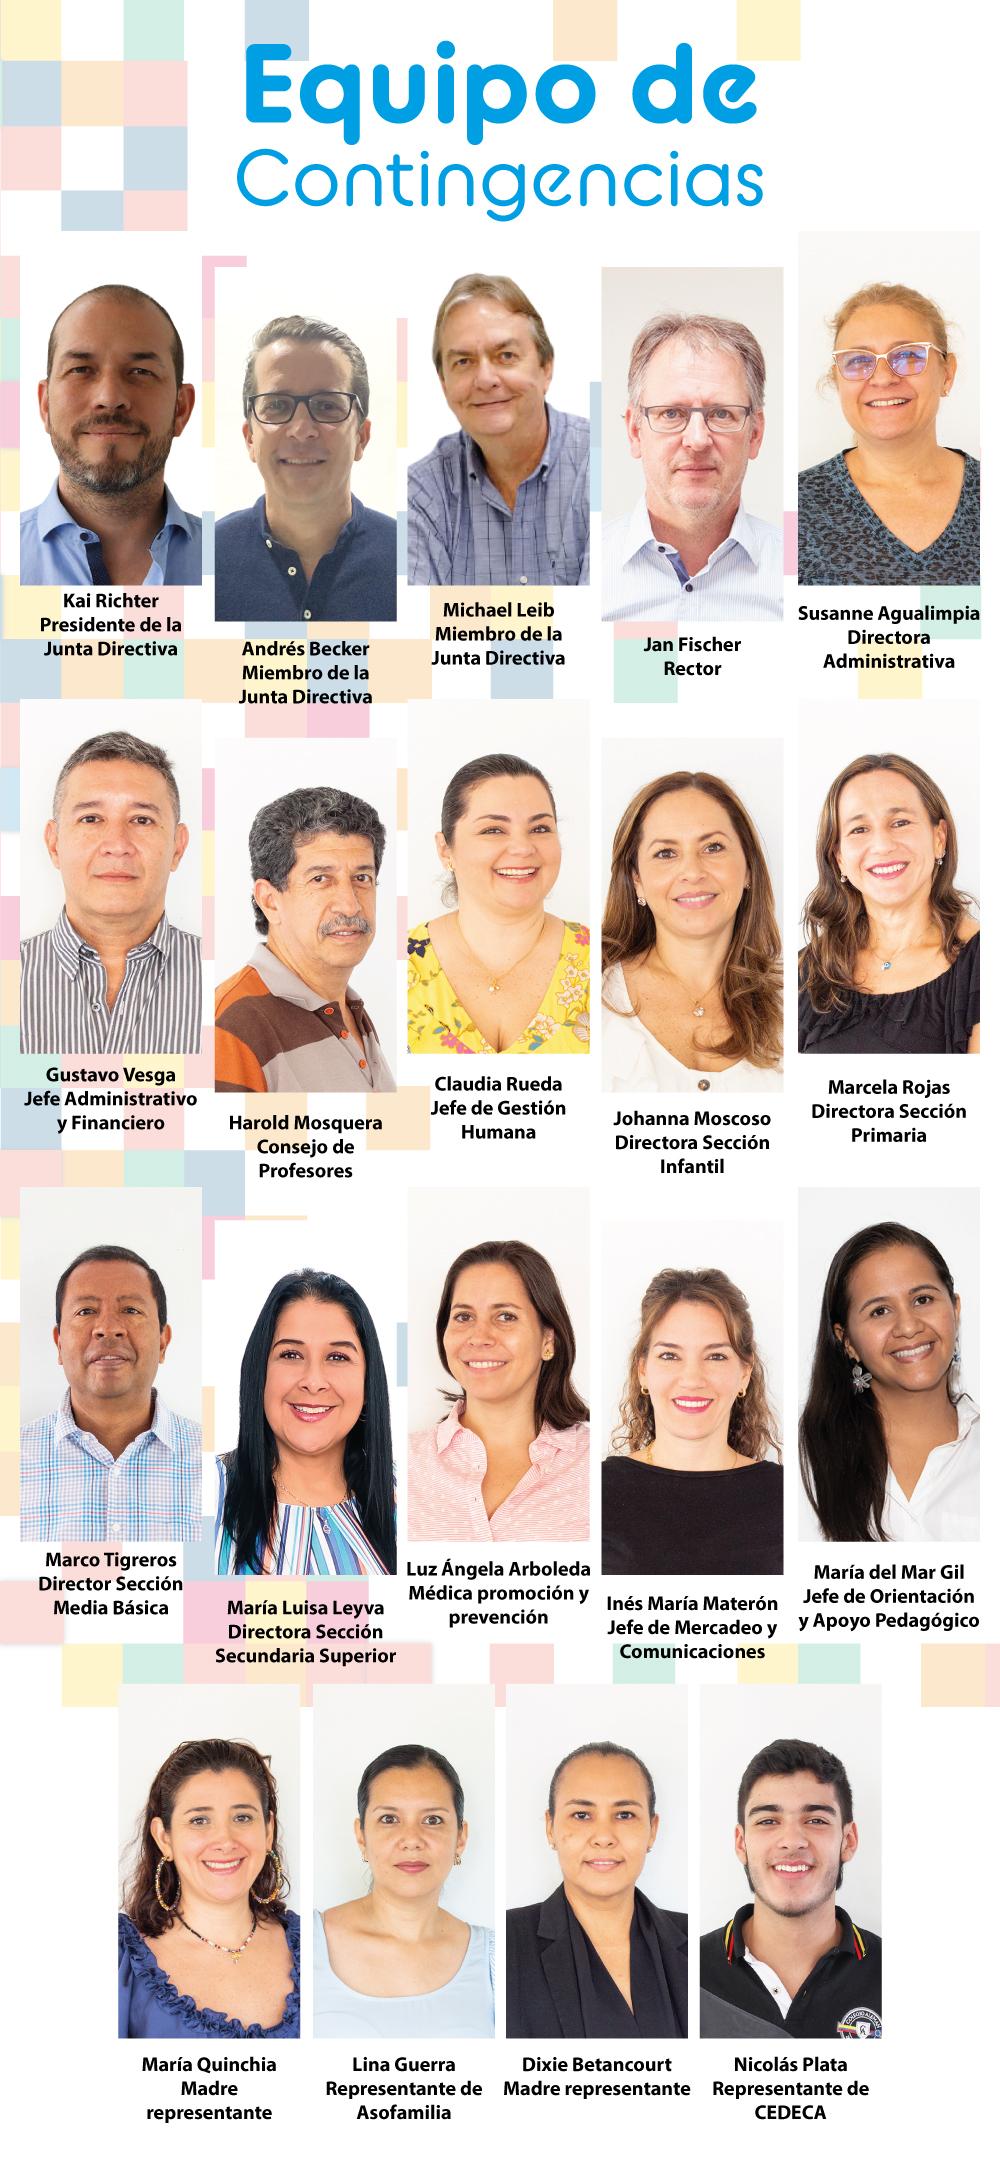 Equipo de Contingencias | Comprometidos con la comunidad DSCali